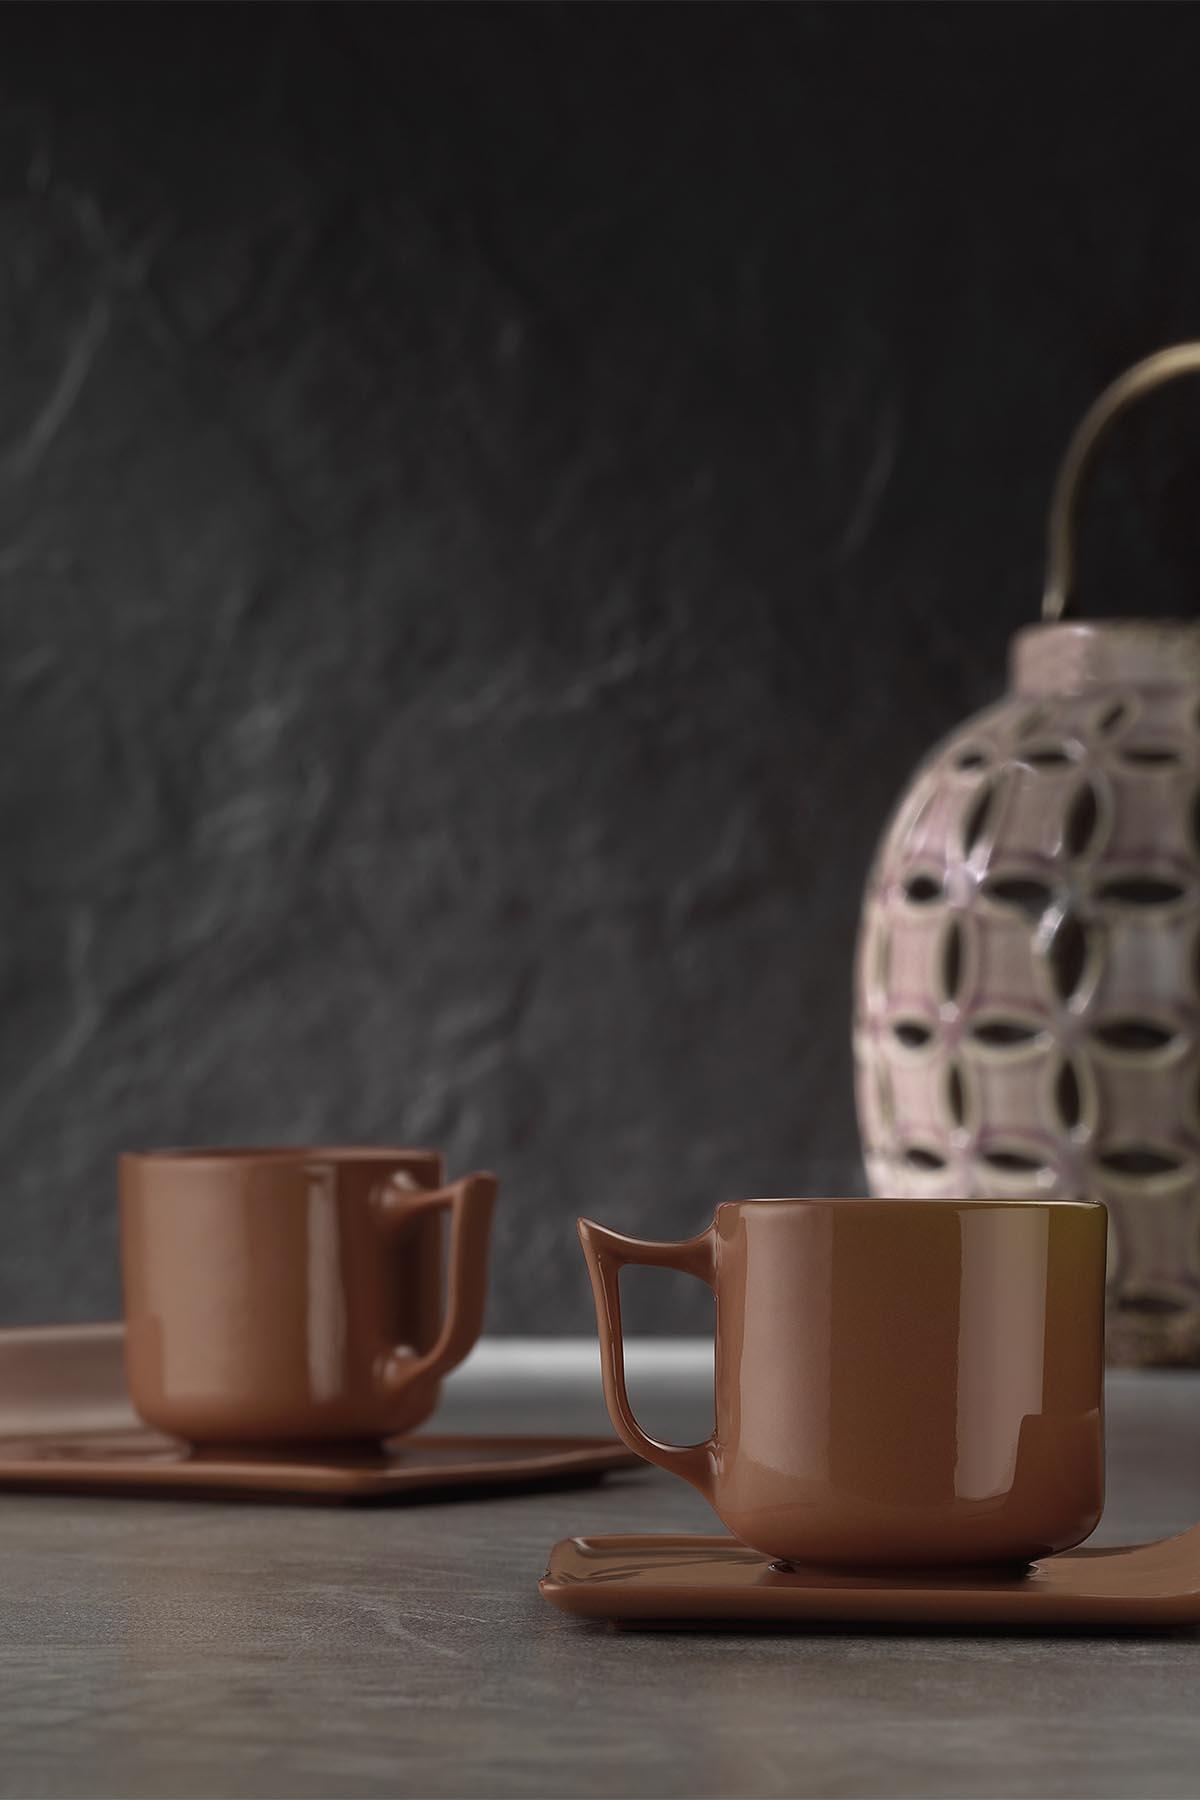 Kütahya Porselen Despina 4 Parça Kahve Takımı Kırmızı